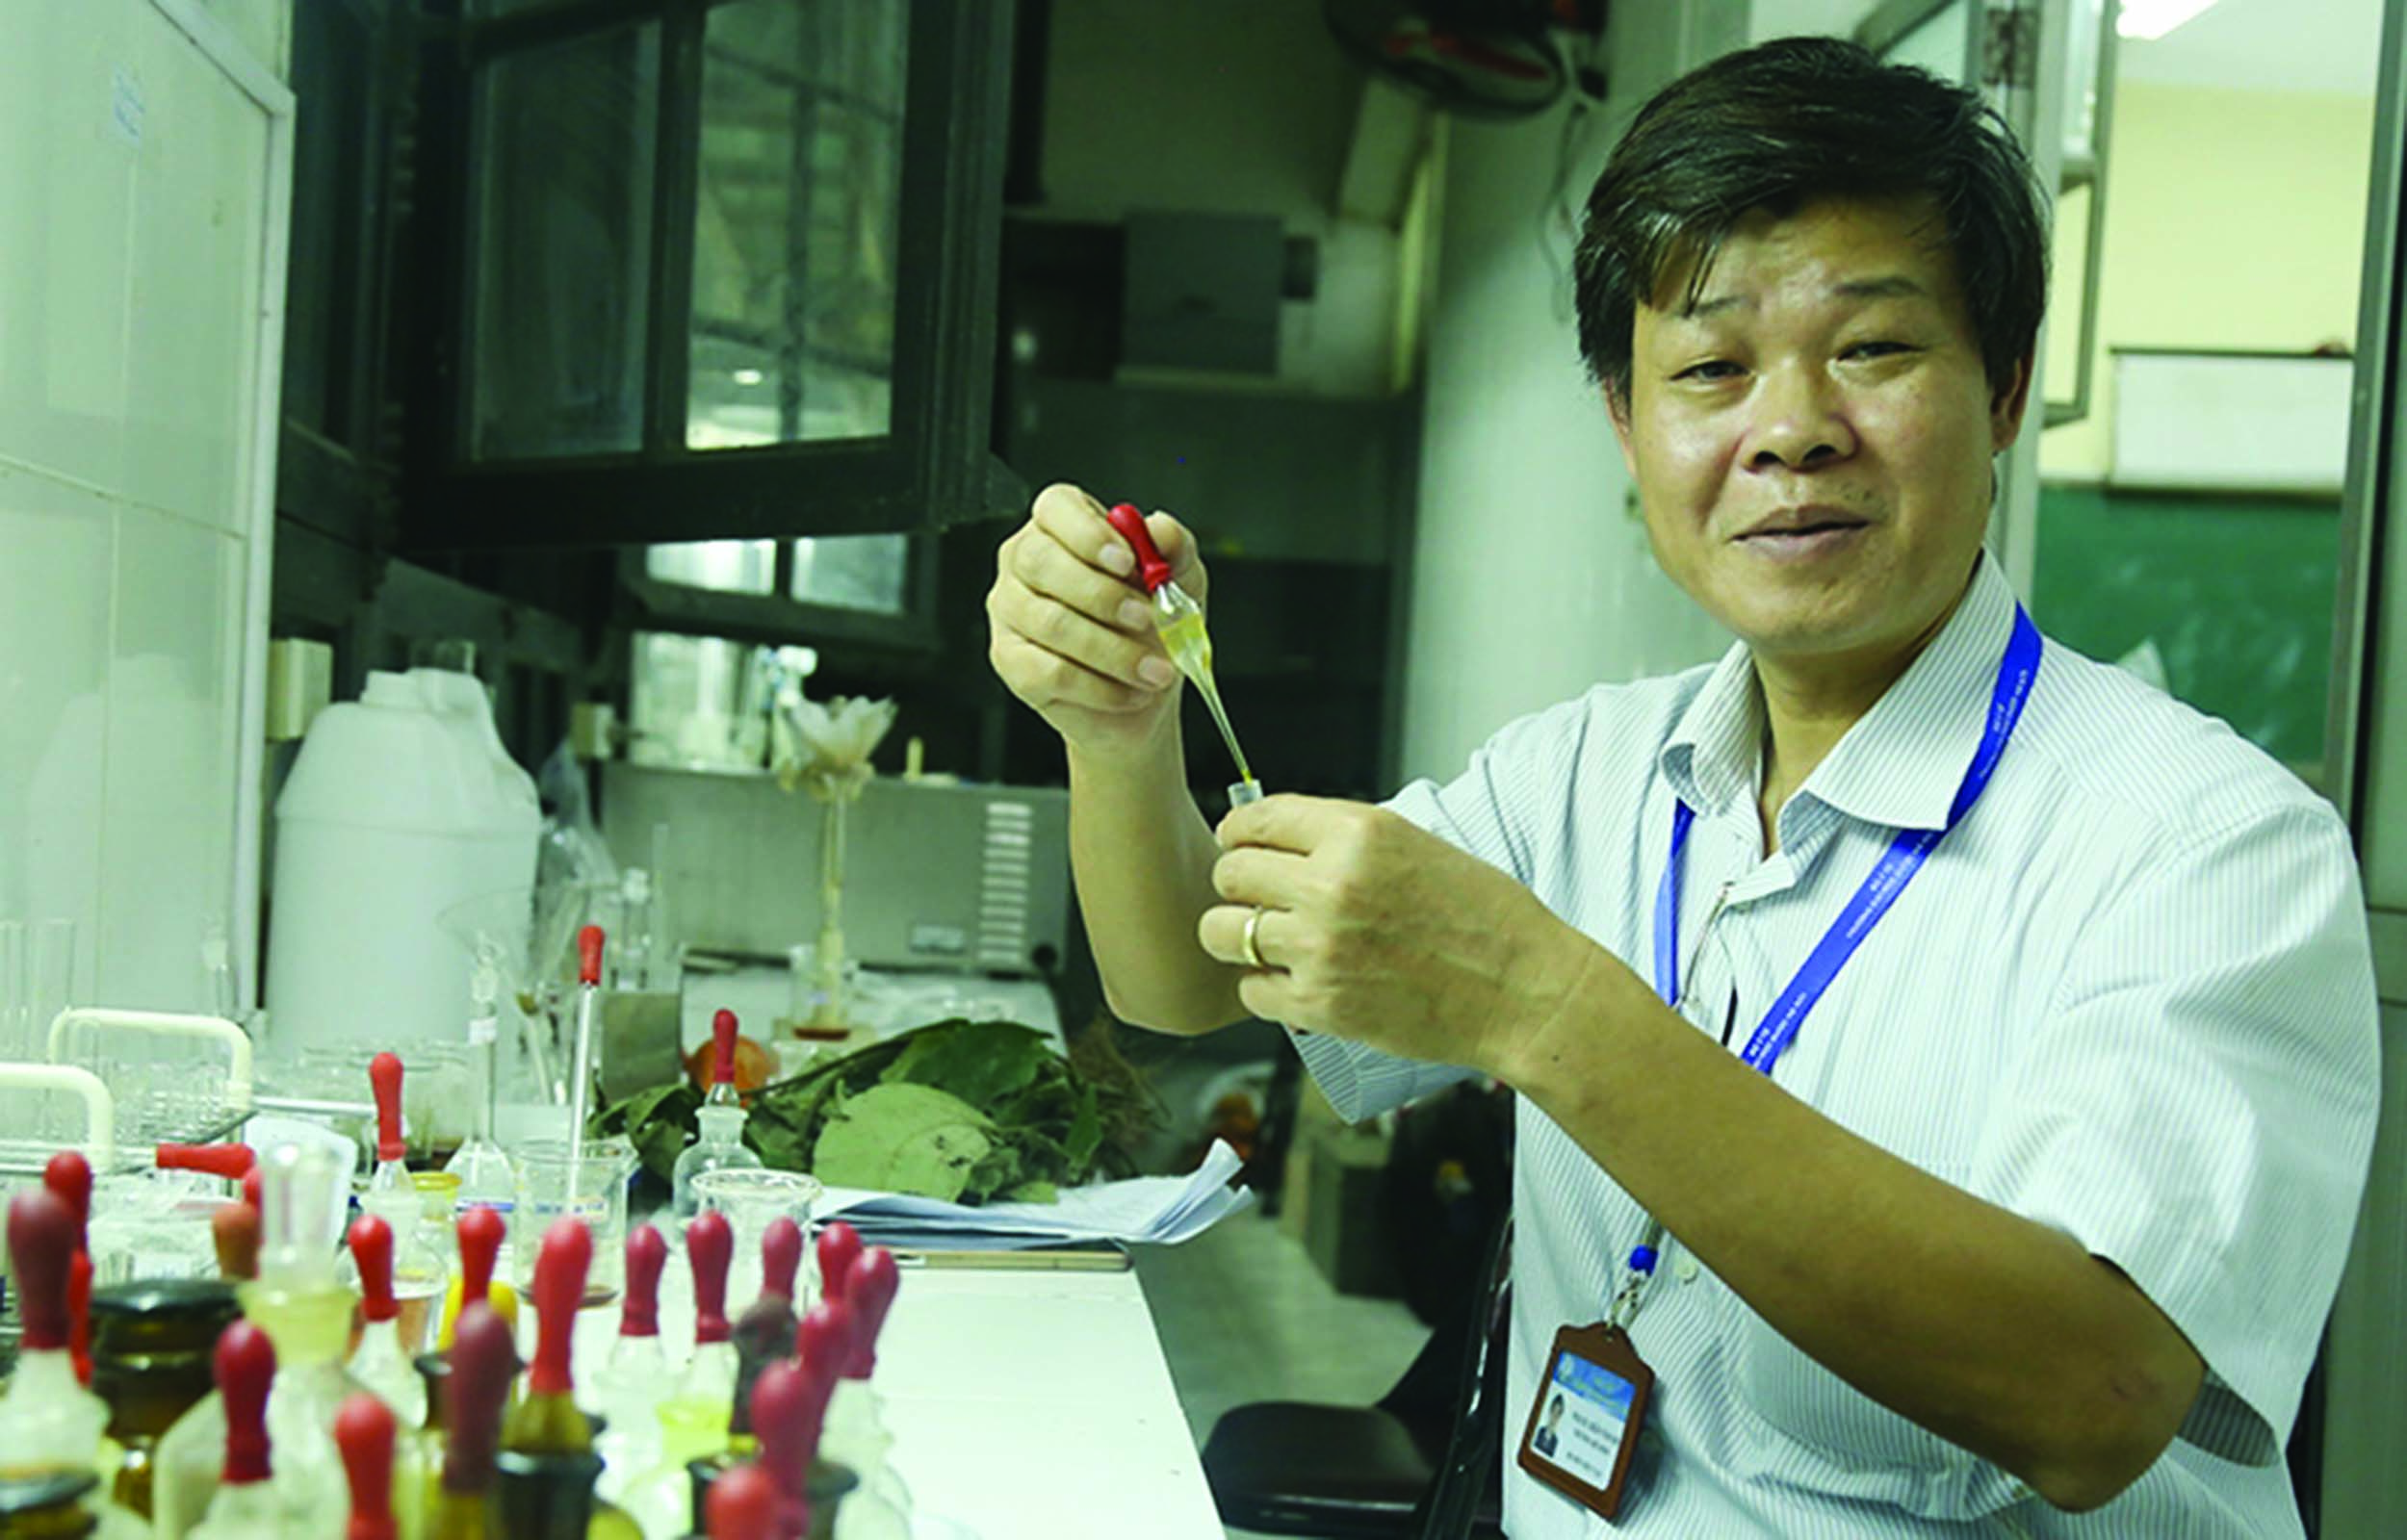 Phó GS. Tiến sĩ Trần Văn Ơn trong phòng thí nghiệm.